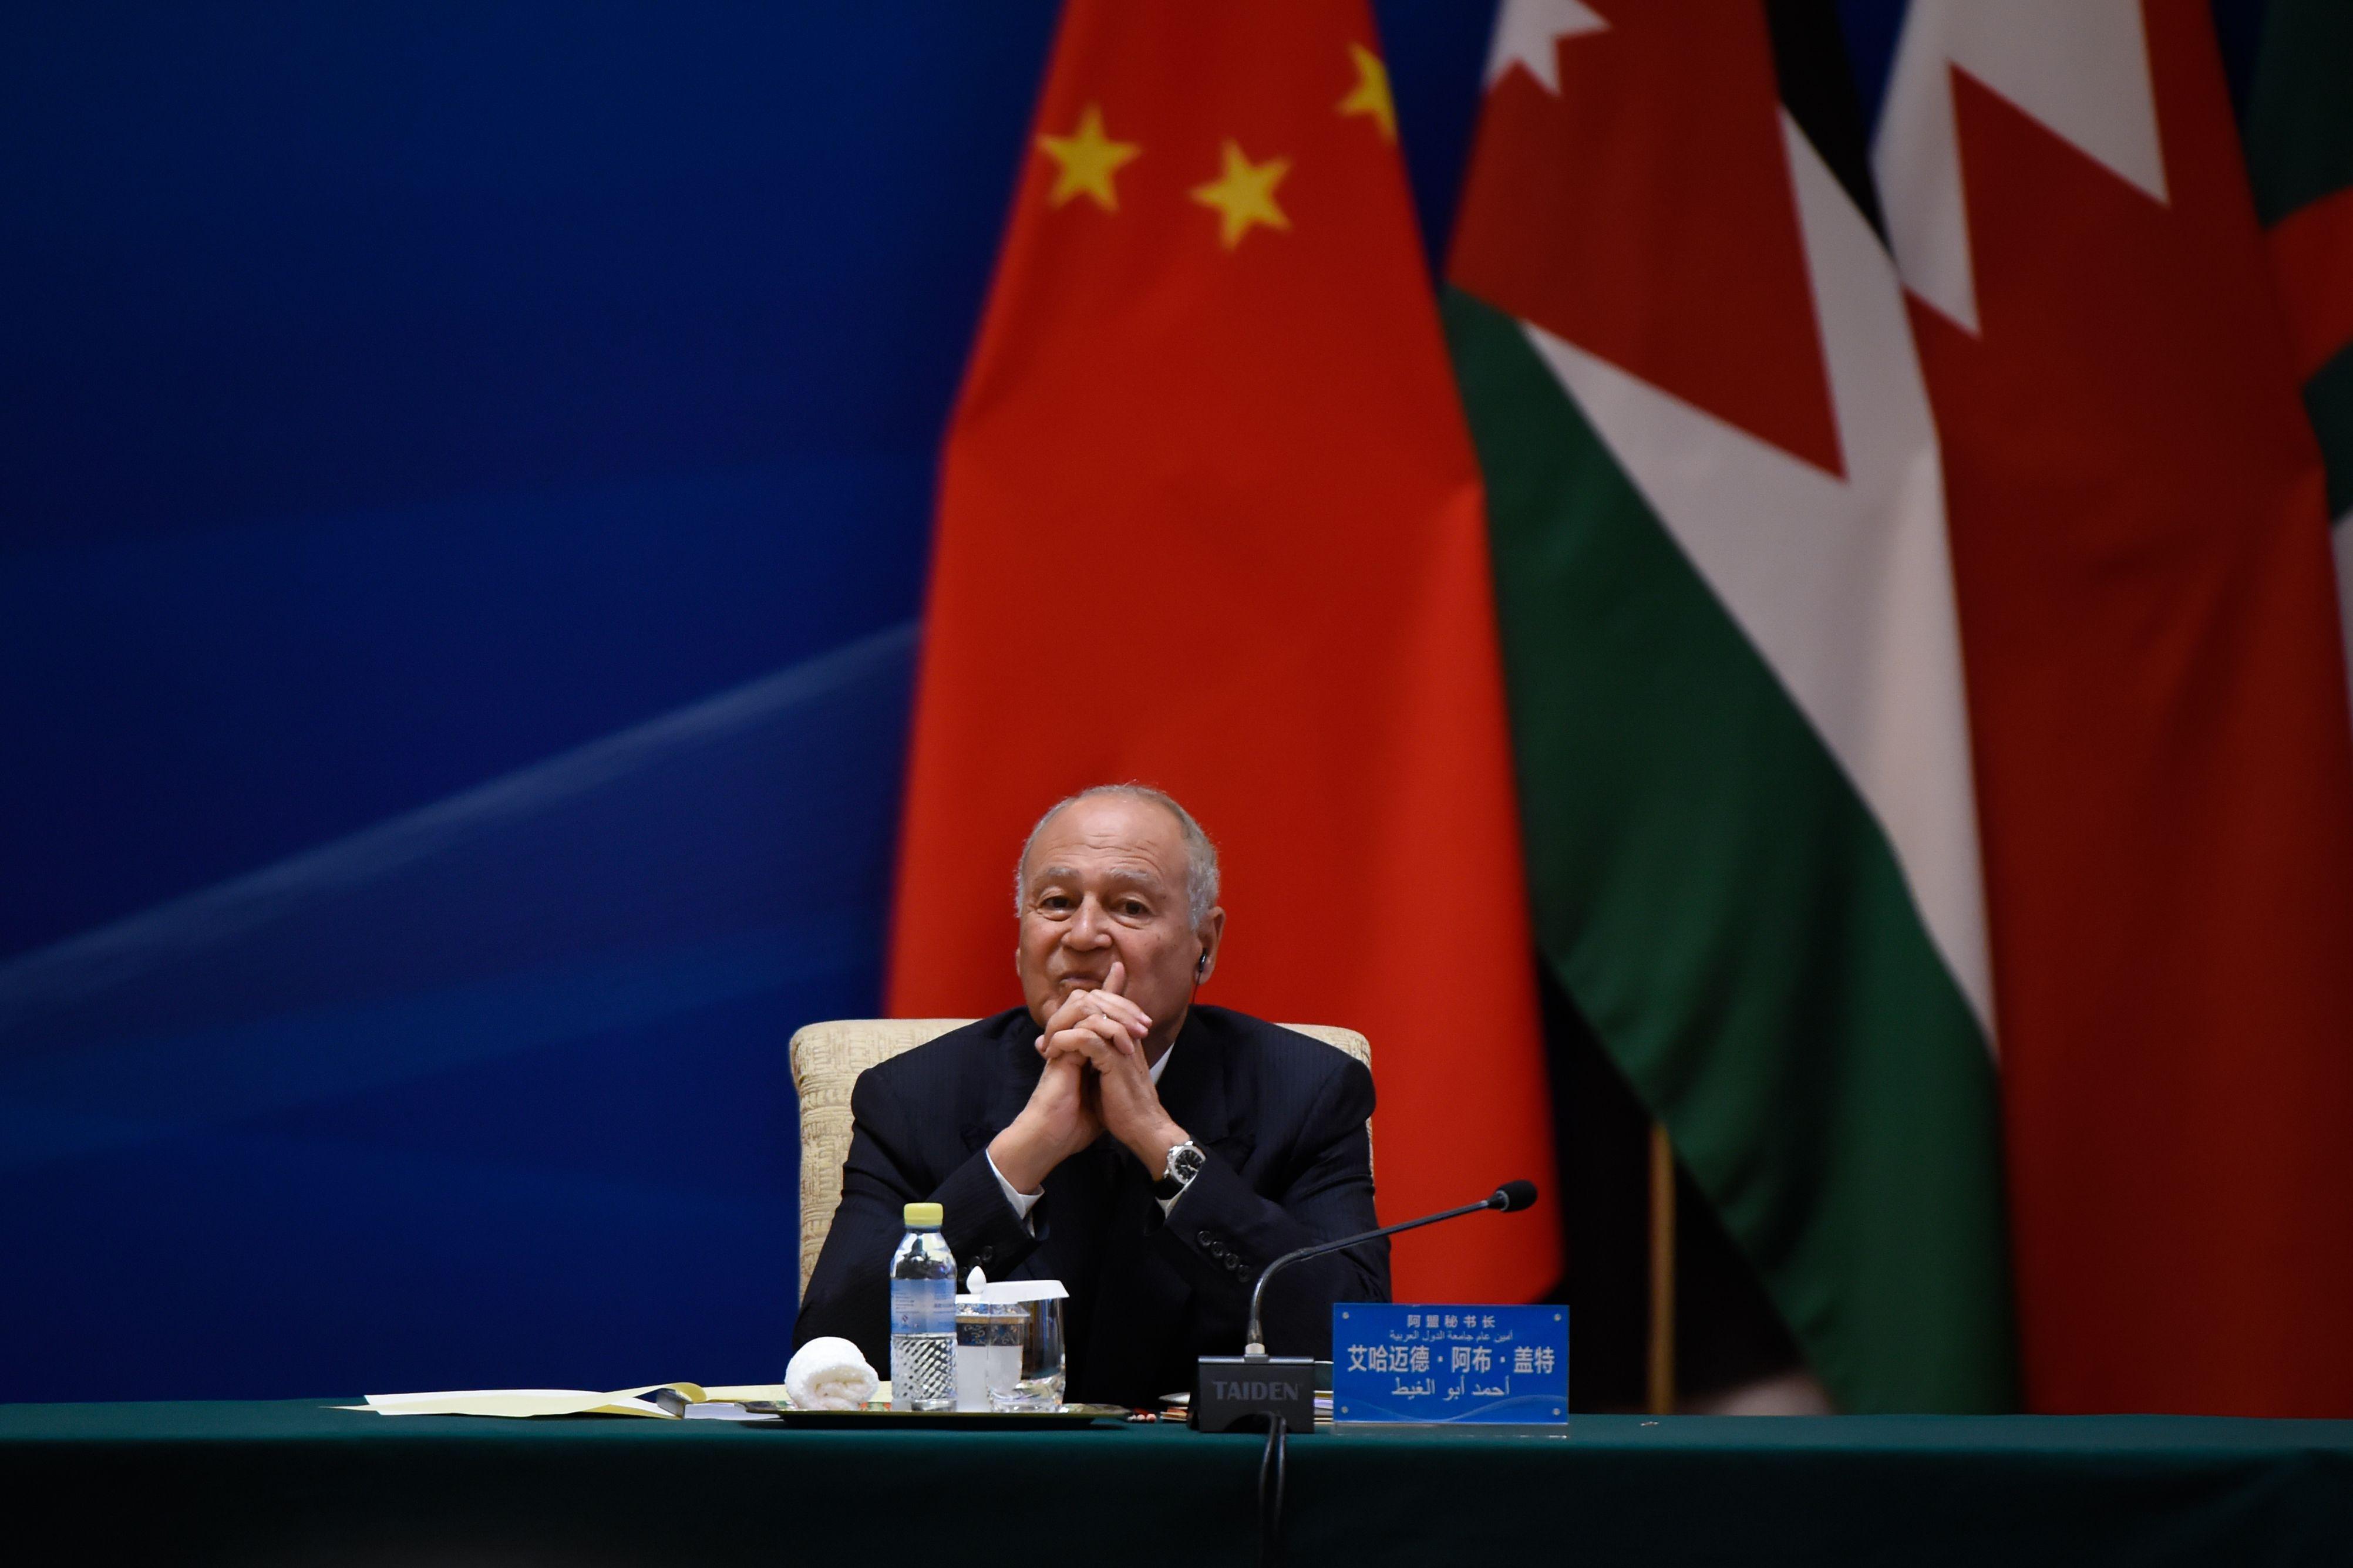 أمين عام جامعة الدول العربية خلال انعقاد المنتدى الصينى العربى